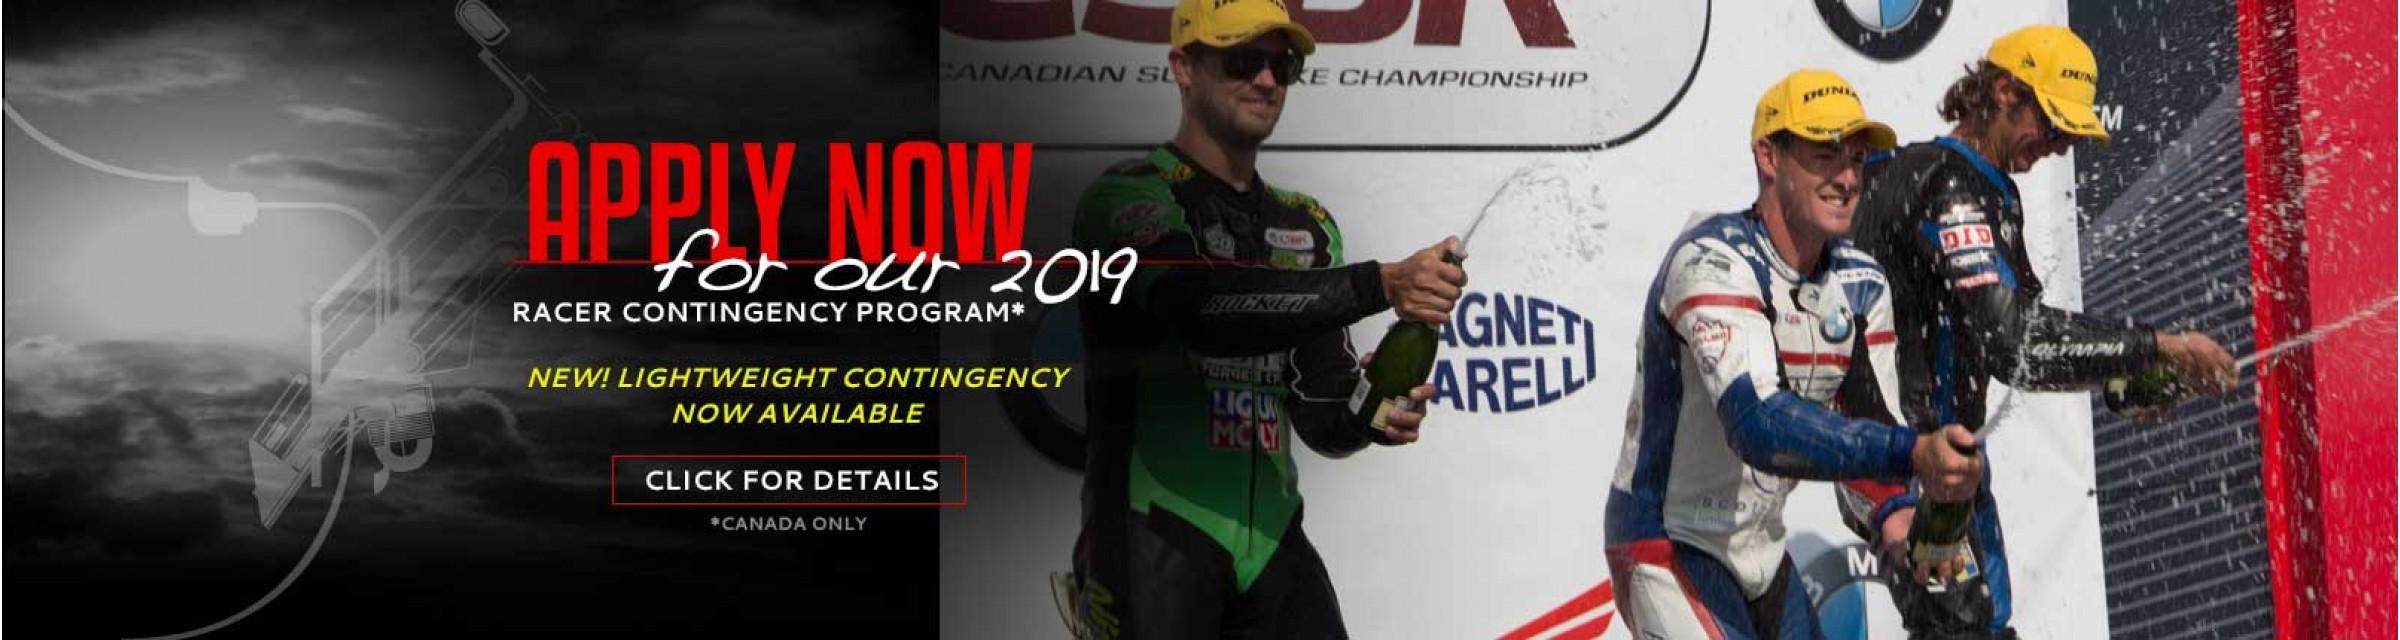 2019 Racer Program